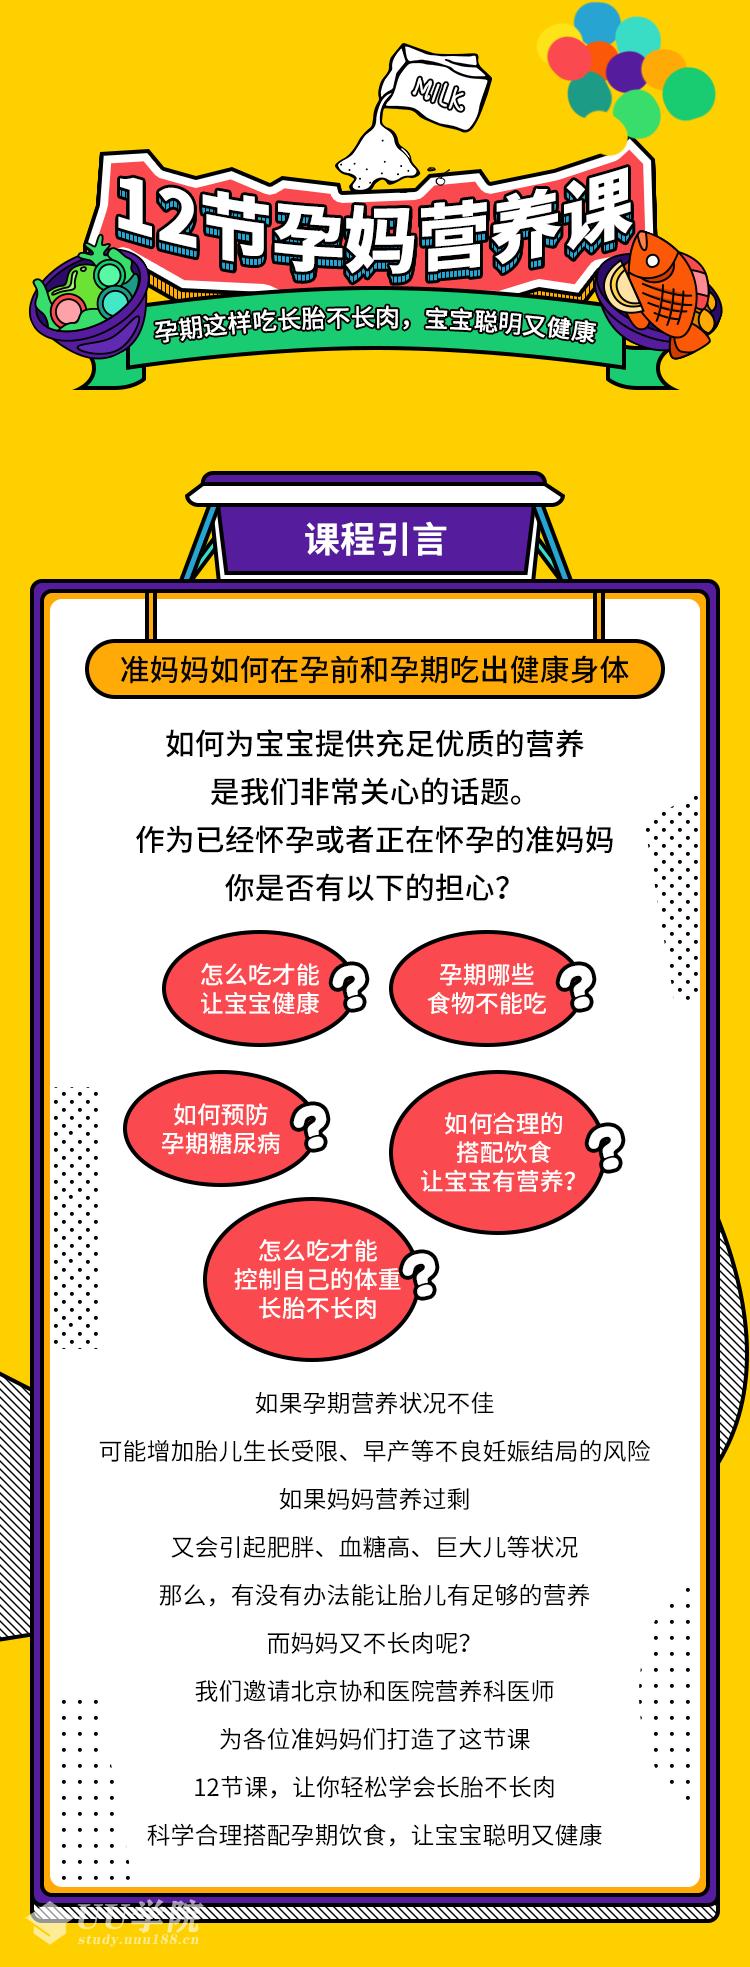 李融融医师12节孕妈营养课:孕期这样吃长胎不长肉,宝宝聪明又健康